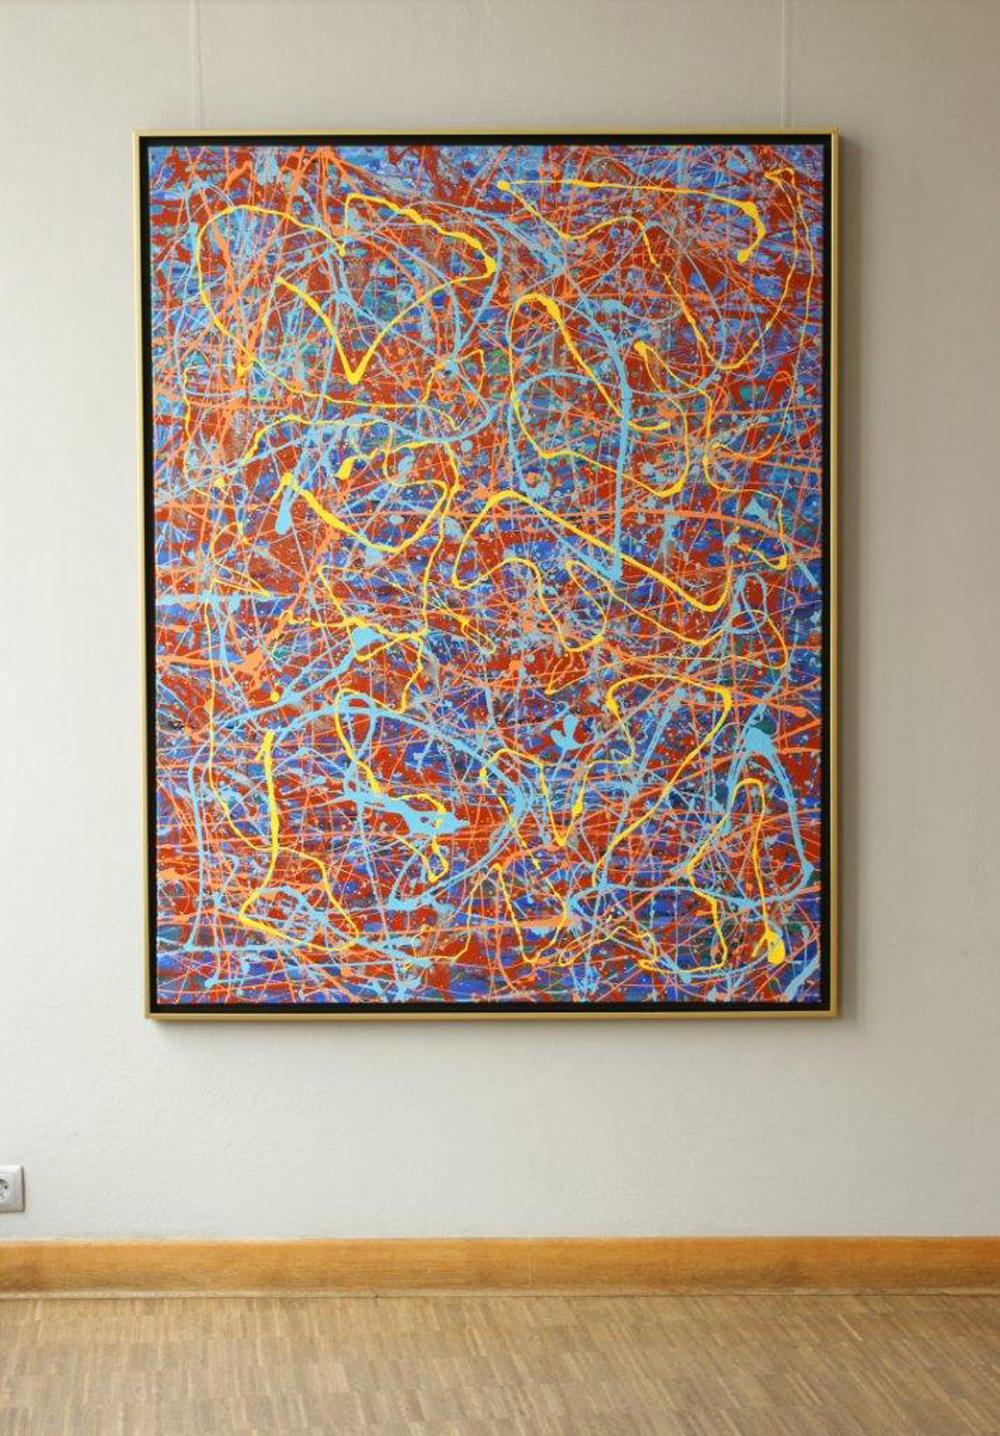 Edward Dwurnik : Cycle XXV Painting no 1 Year 2000